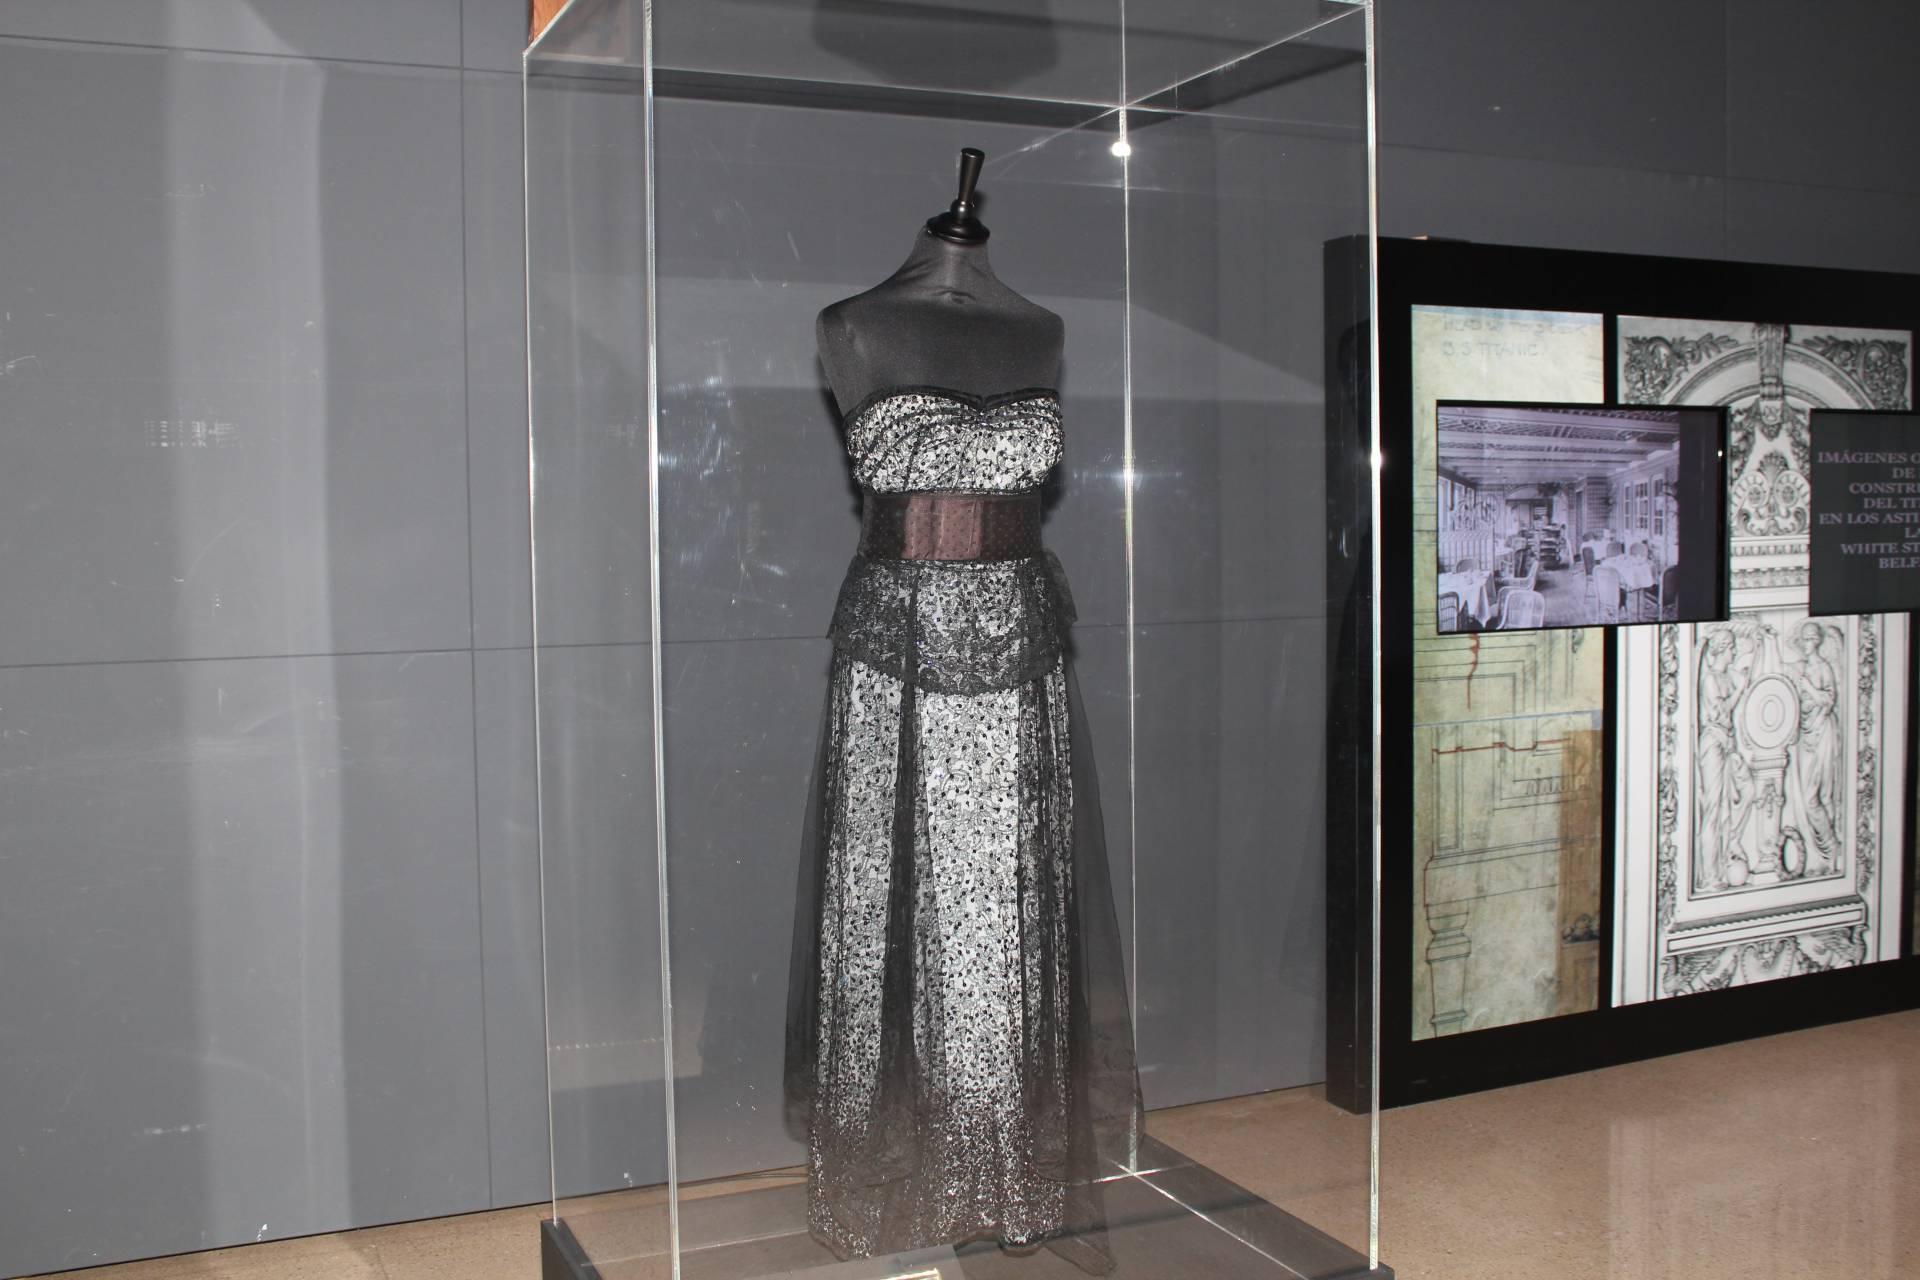 La exposición muestra la vestimenta de gala original y objetos personales de algunos pasajeros.